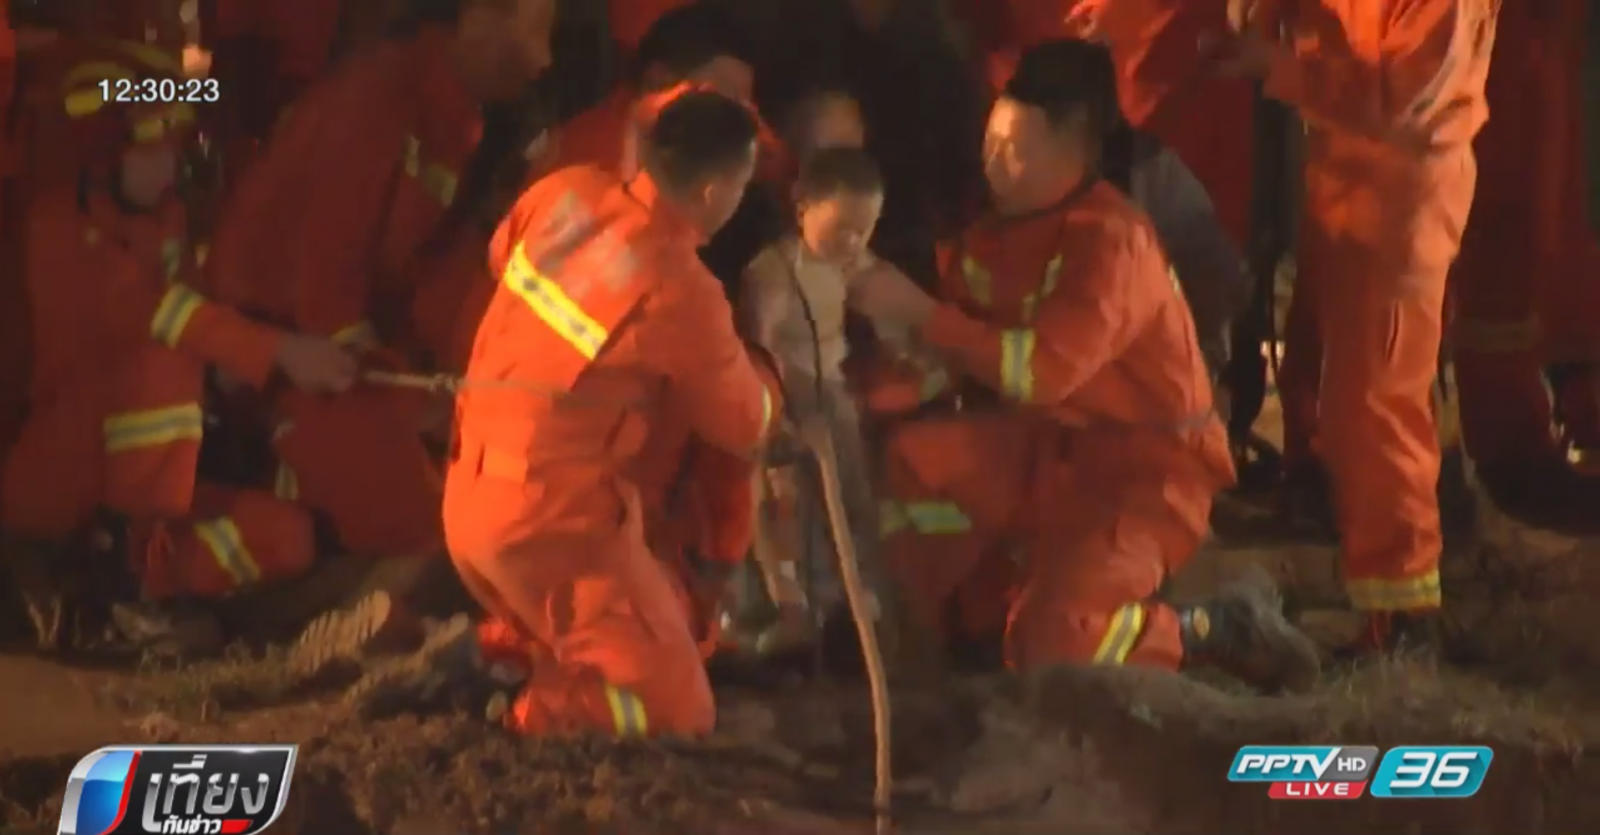 ทีมกู้ภัยจีน ระดมช่วยเหลือเด็กตกท่อลึก 40 ม.